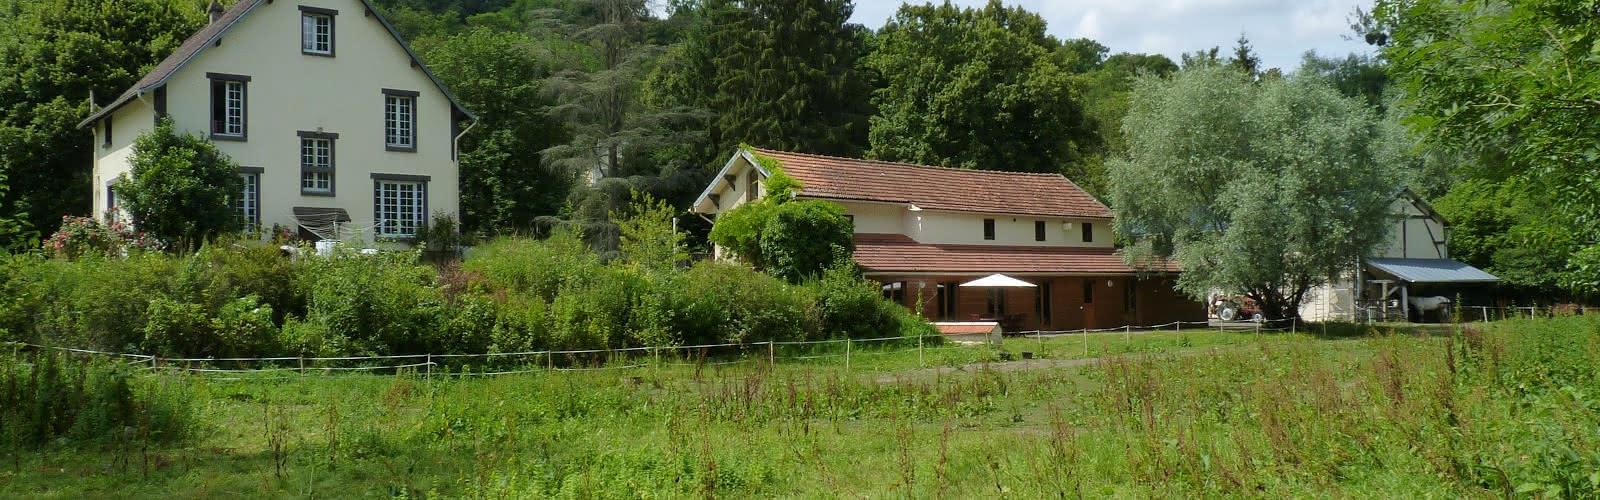 Gîte rural NESLES-LA-VALLEE 'Le Cottage' n°148